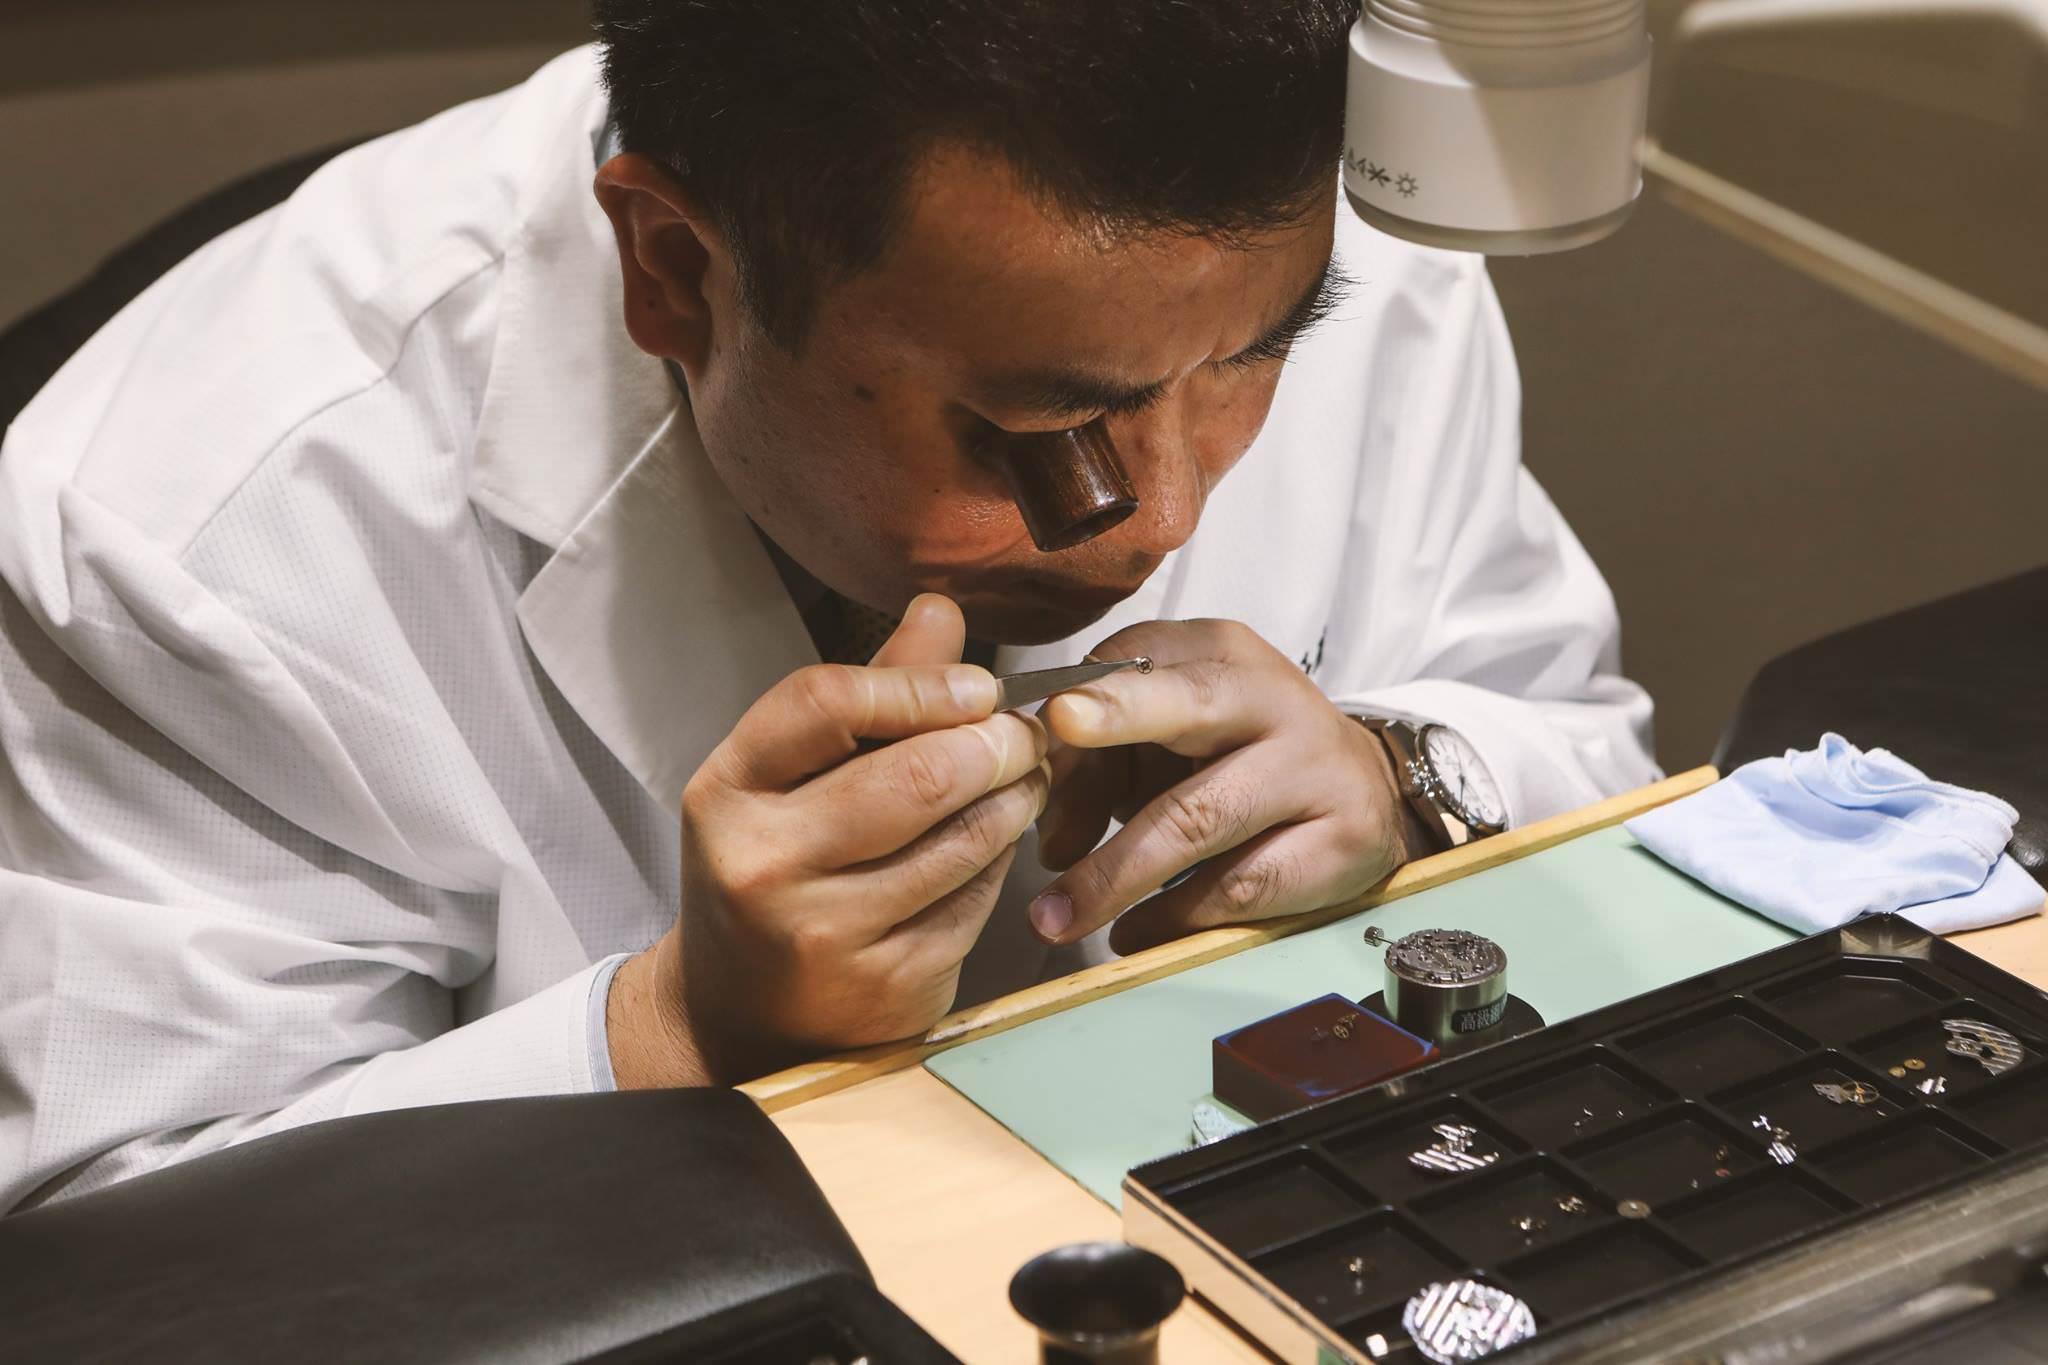 comment choisir une montre seiko vos avis et conseils le barboteur. Black Bedroom Furniture Sets. Home Design Ideas